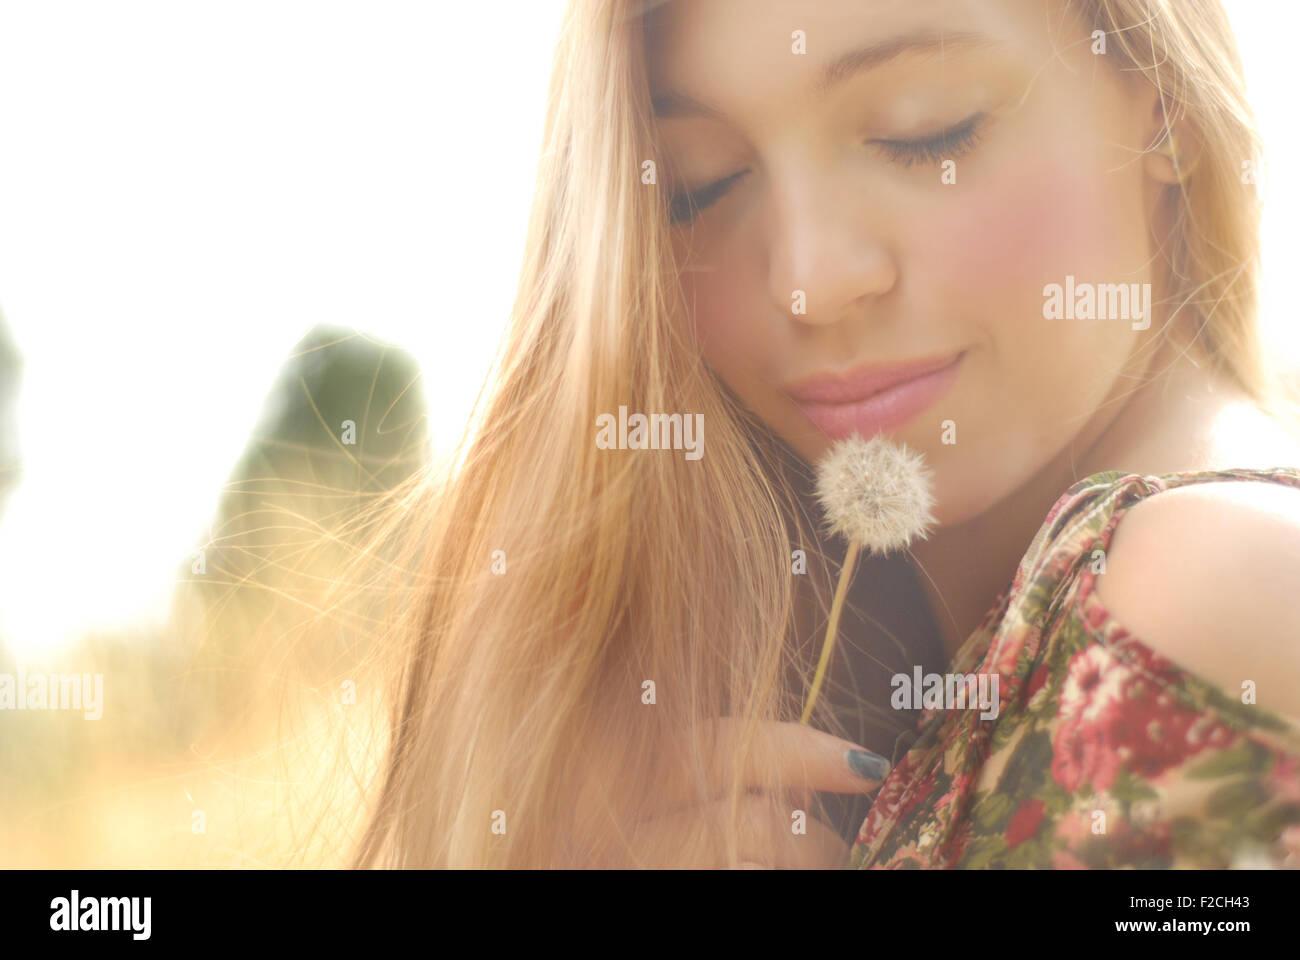 Bella bionda all'esterno con tarassaco ragazza con una pelle bella e faccia bella ragazza in amore Immagini Stock